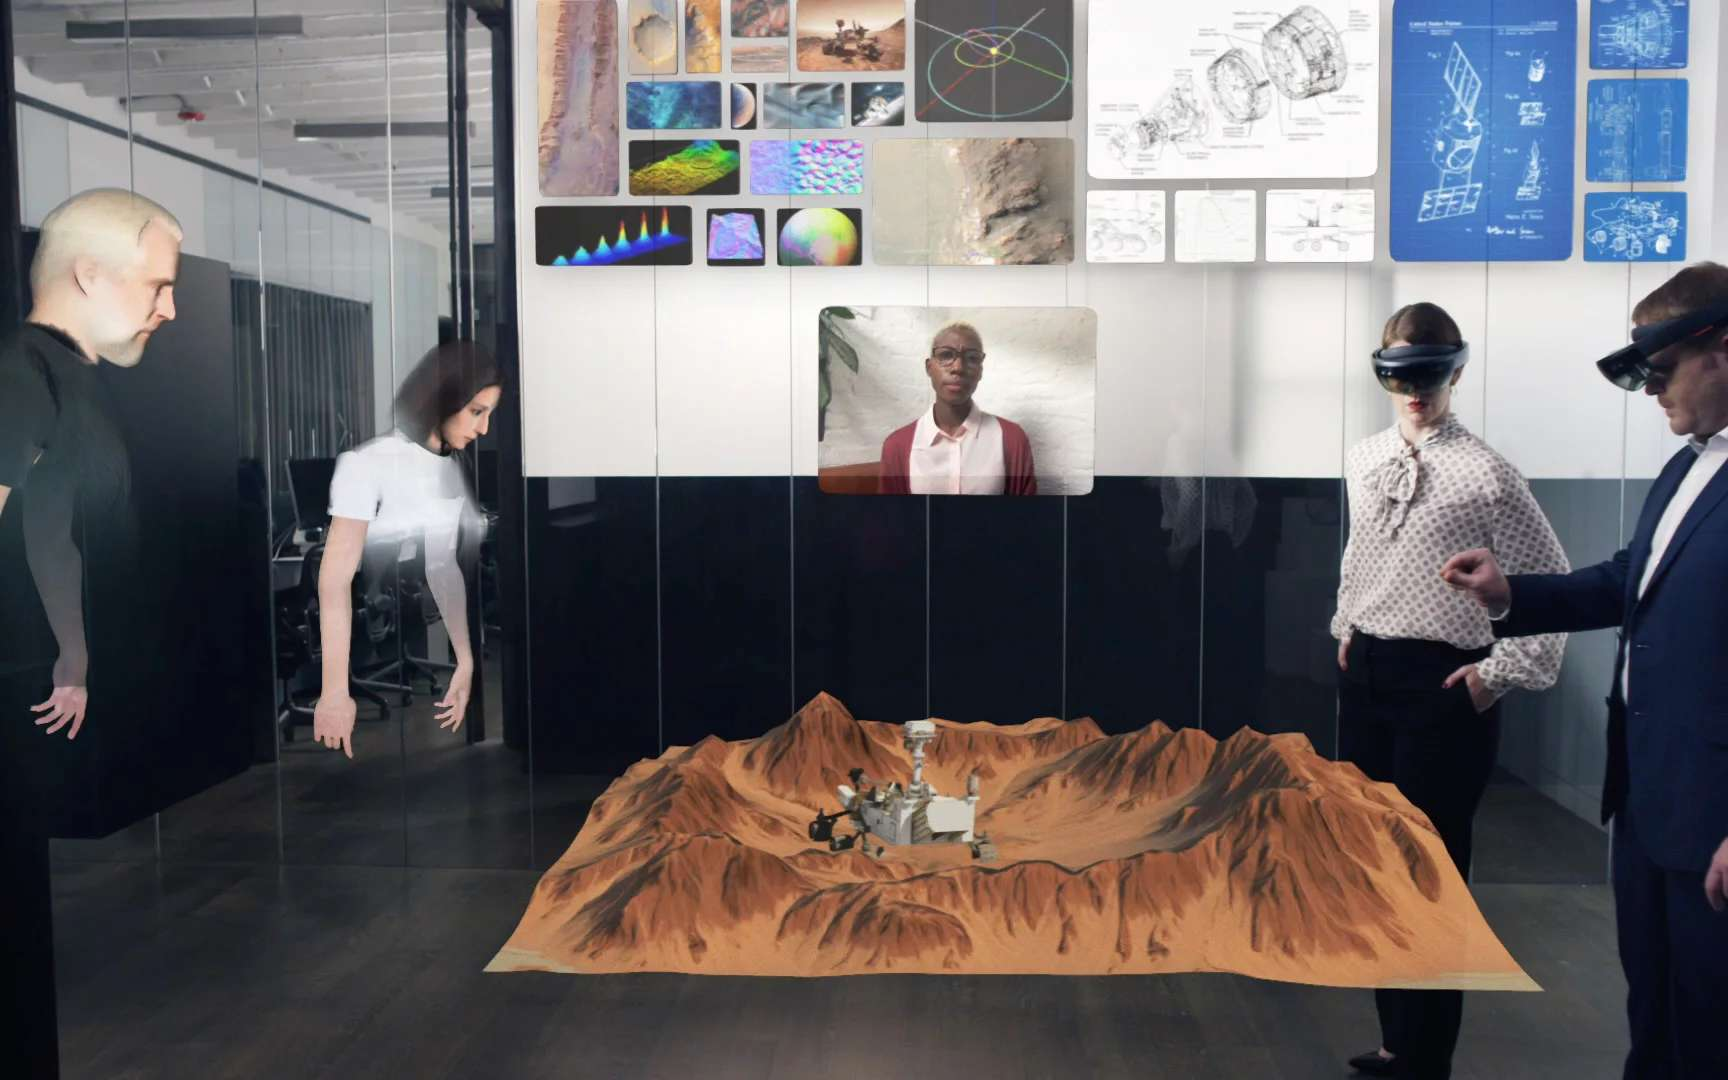 Des réunions 3Ddans Spatial avec ou sans casque de réalité virtuelle © Spatial